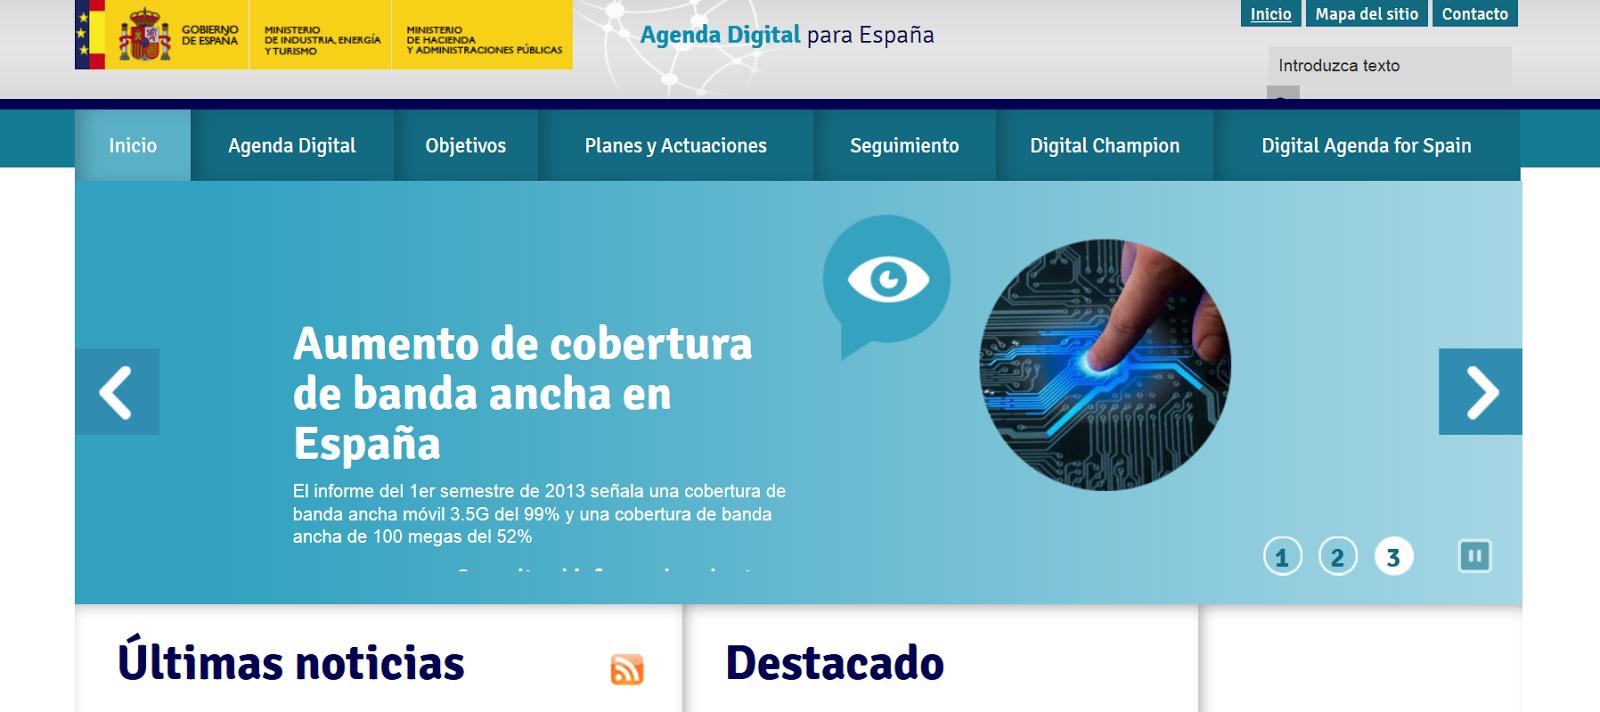 http://www.agendadigital.gob.es/Paginas/Index.aspx